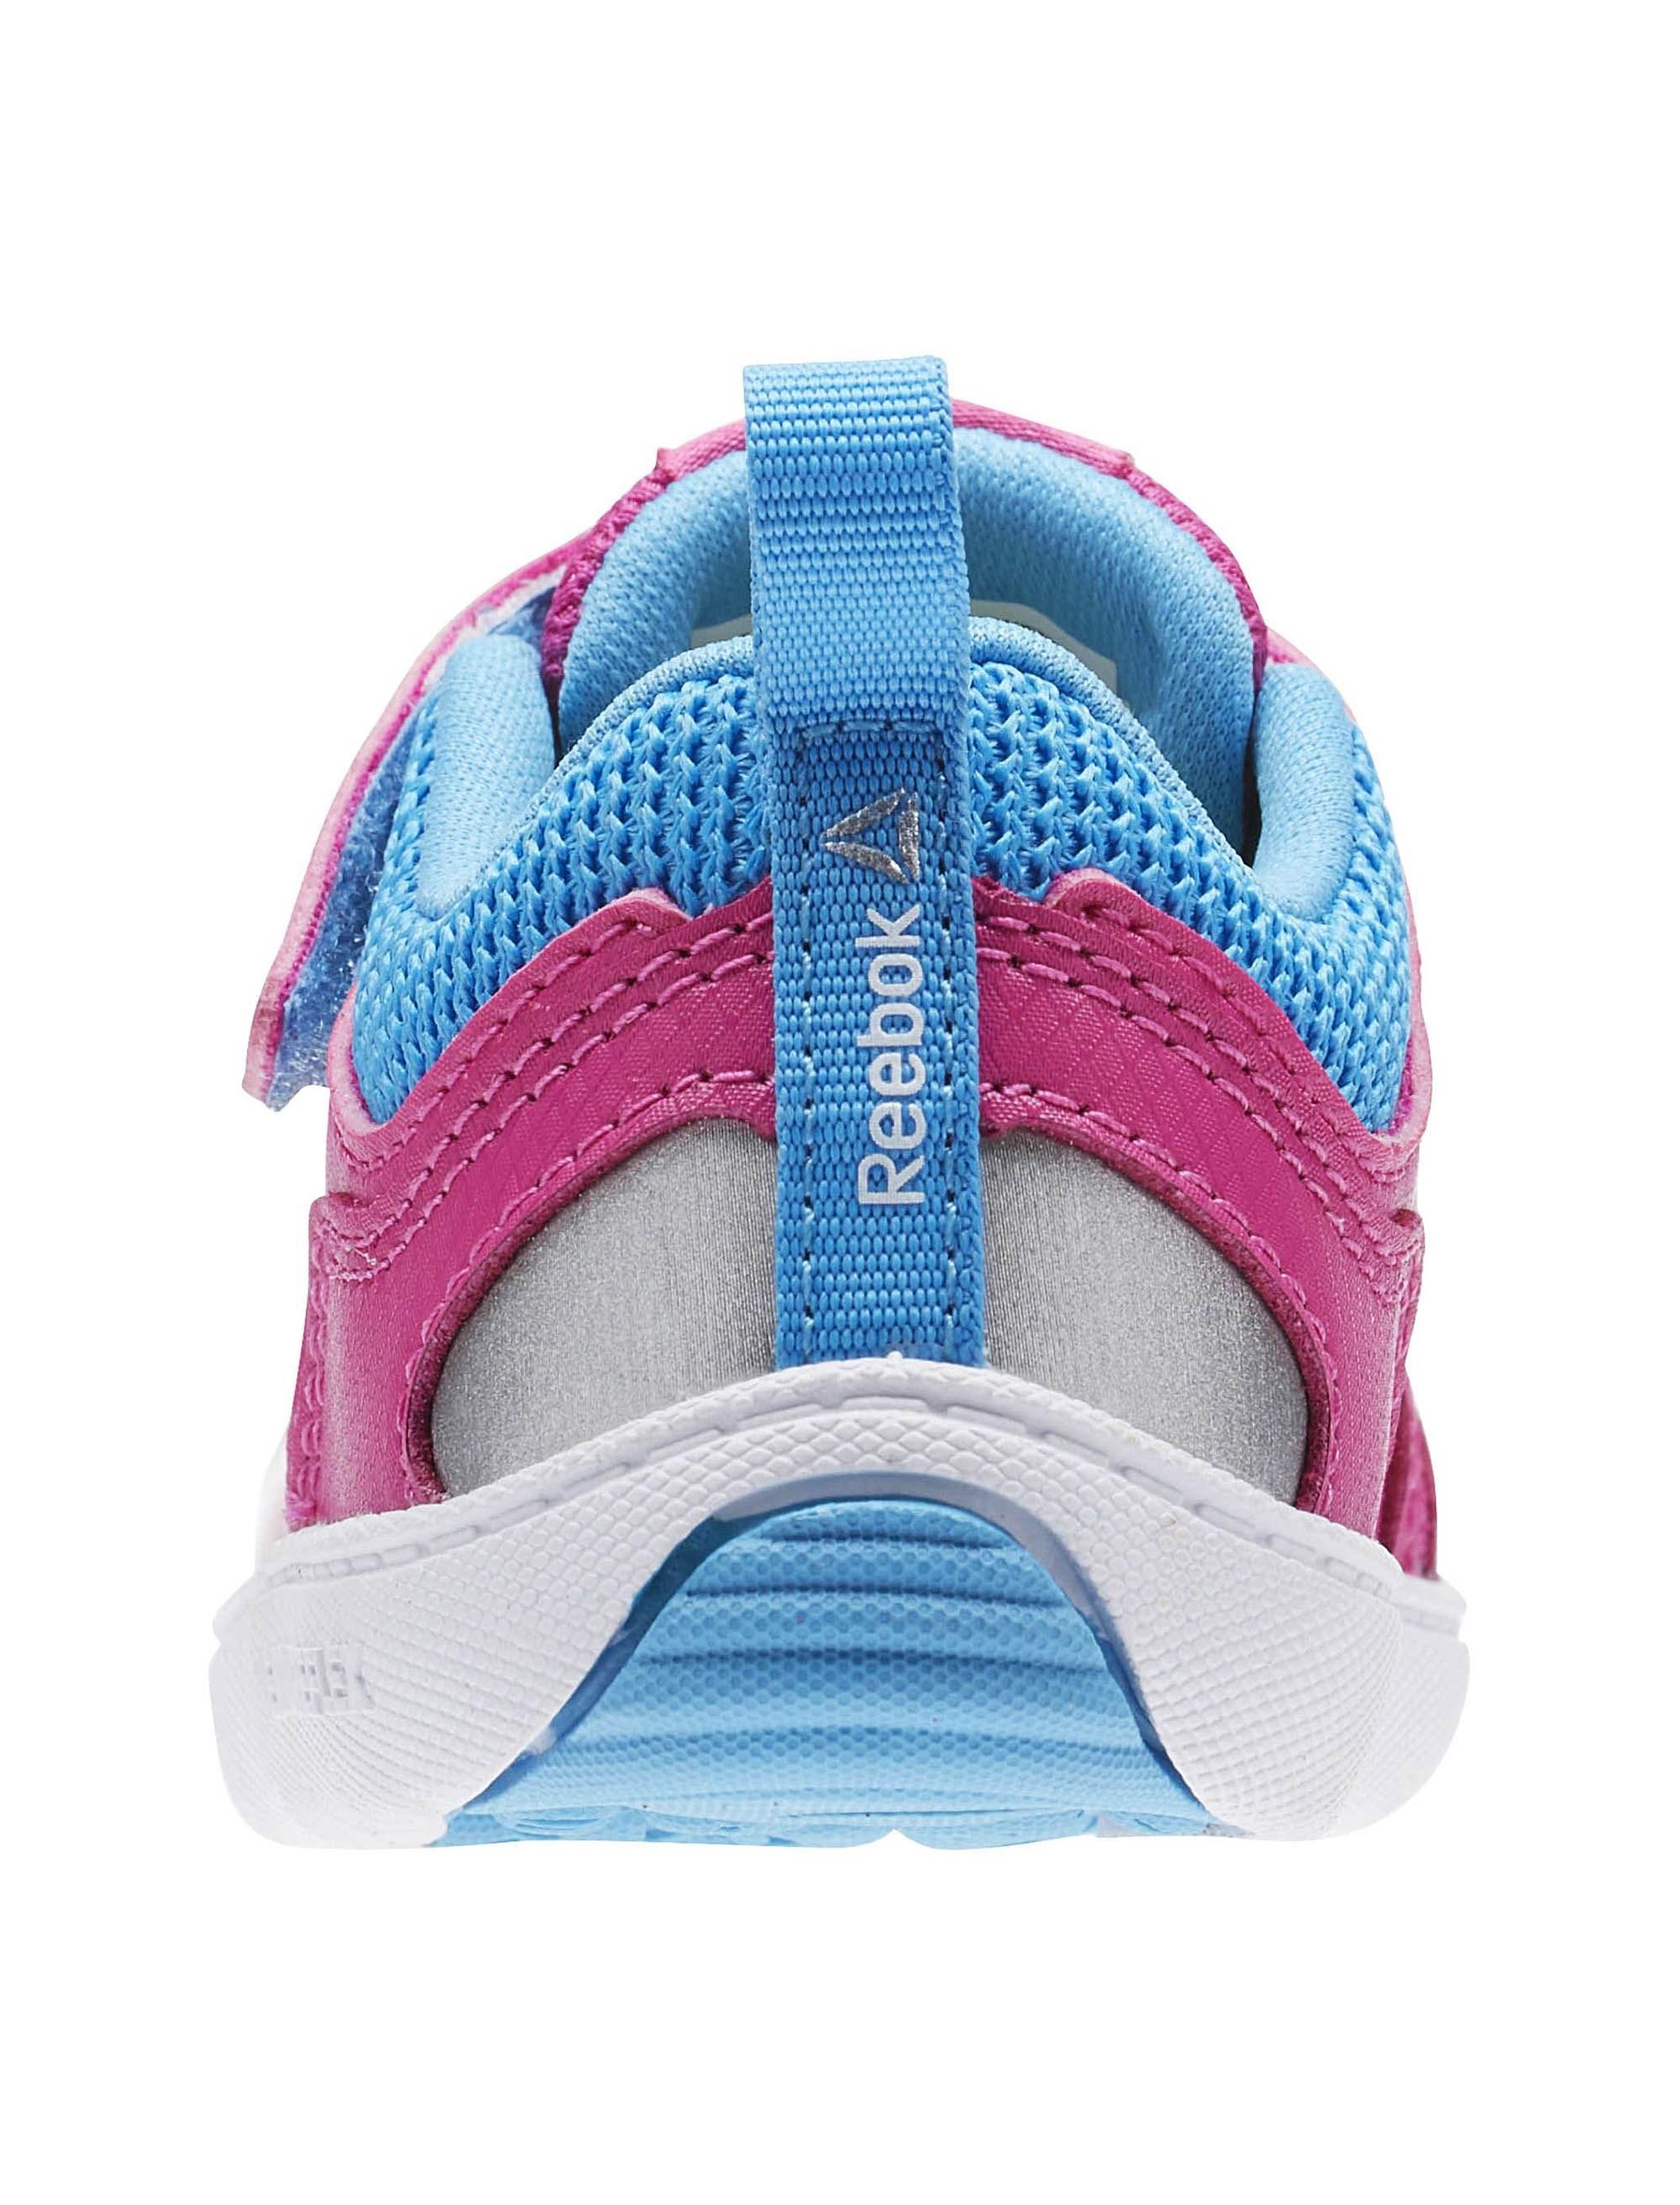 کفش دویدن چسبی نوزادی Ventureflex Stride 5-0 - ریباک - سرخابي - 6